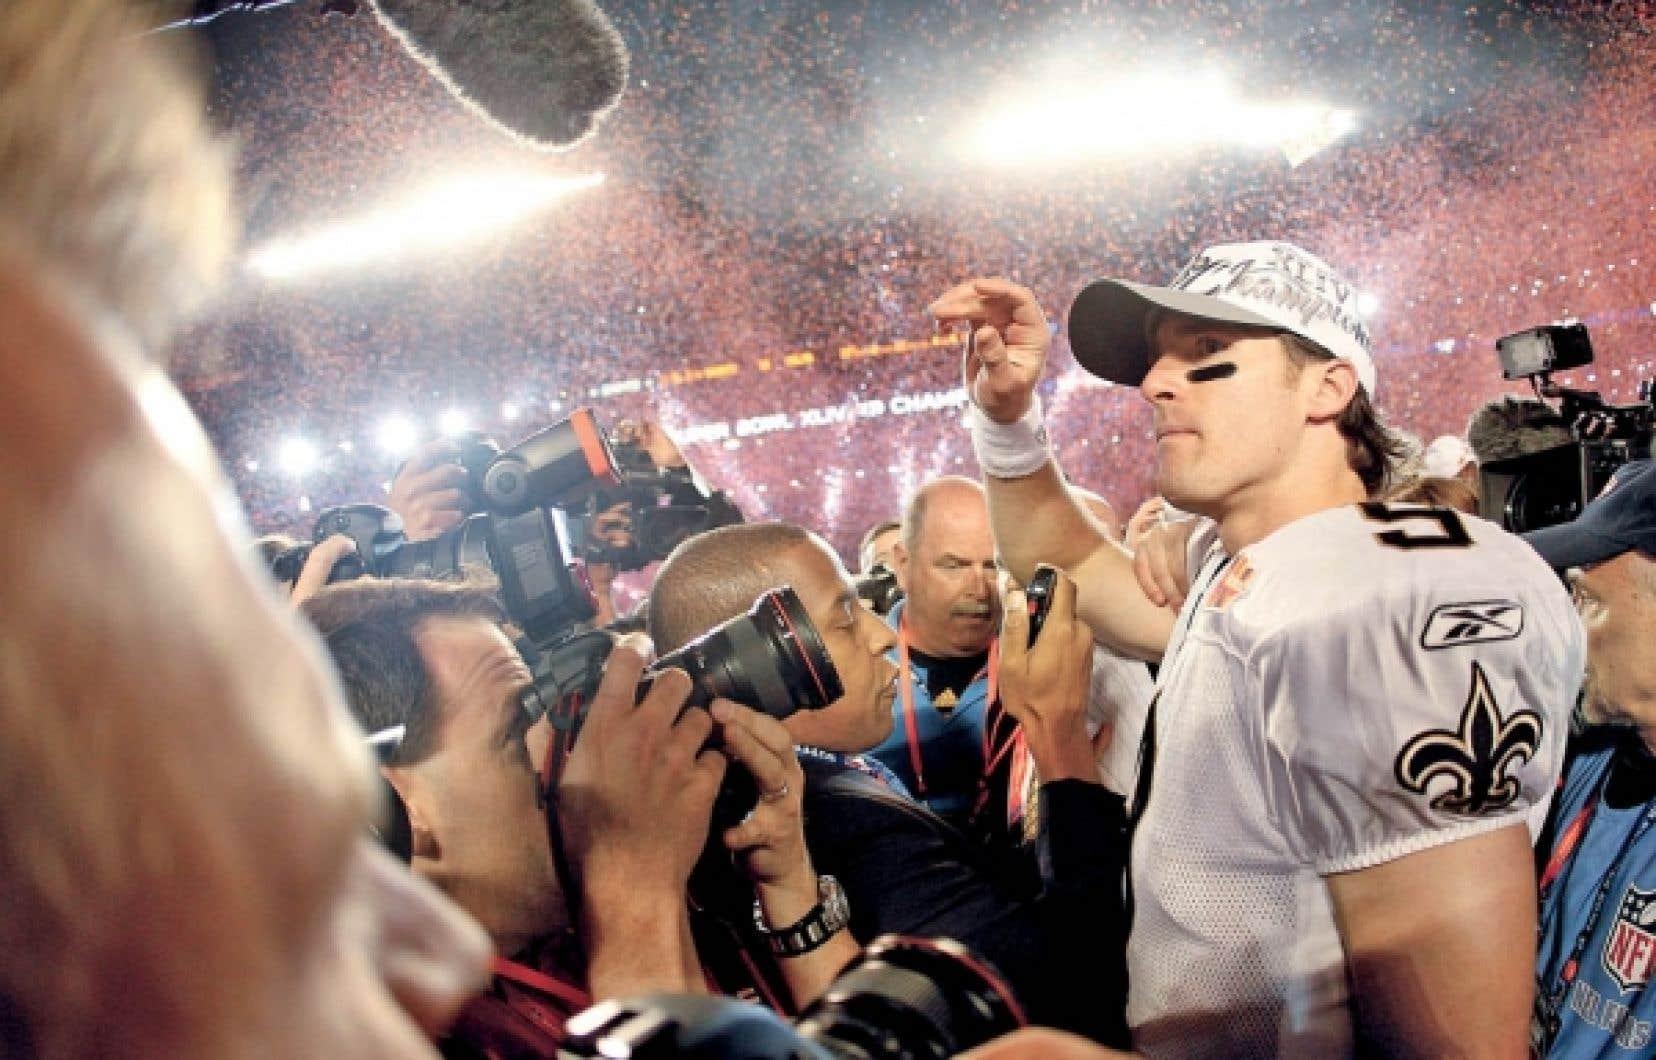 Le quart-arrière des Saints de La Nouvelle-Orléans, Drew Brees, entouré de photographes après la victoire de son équipe, hier.